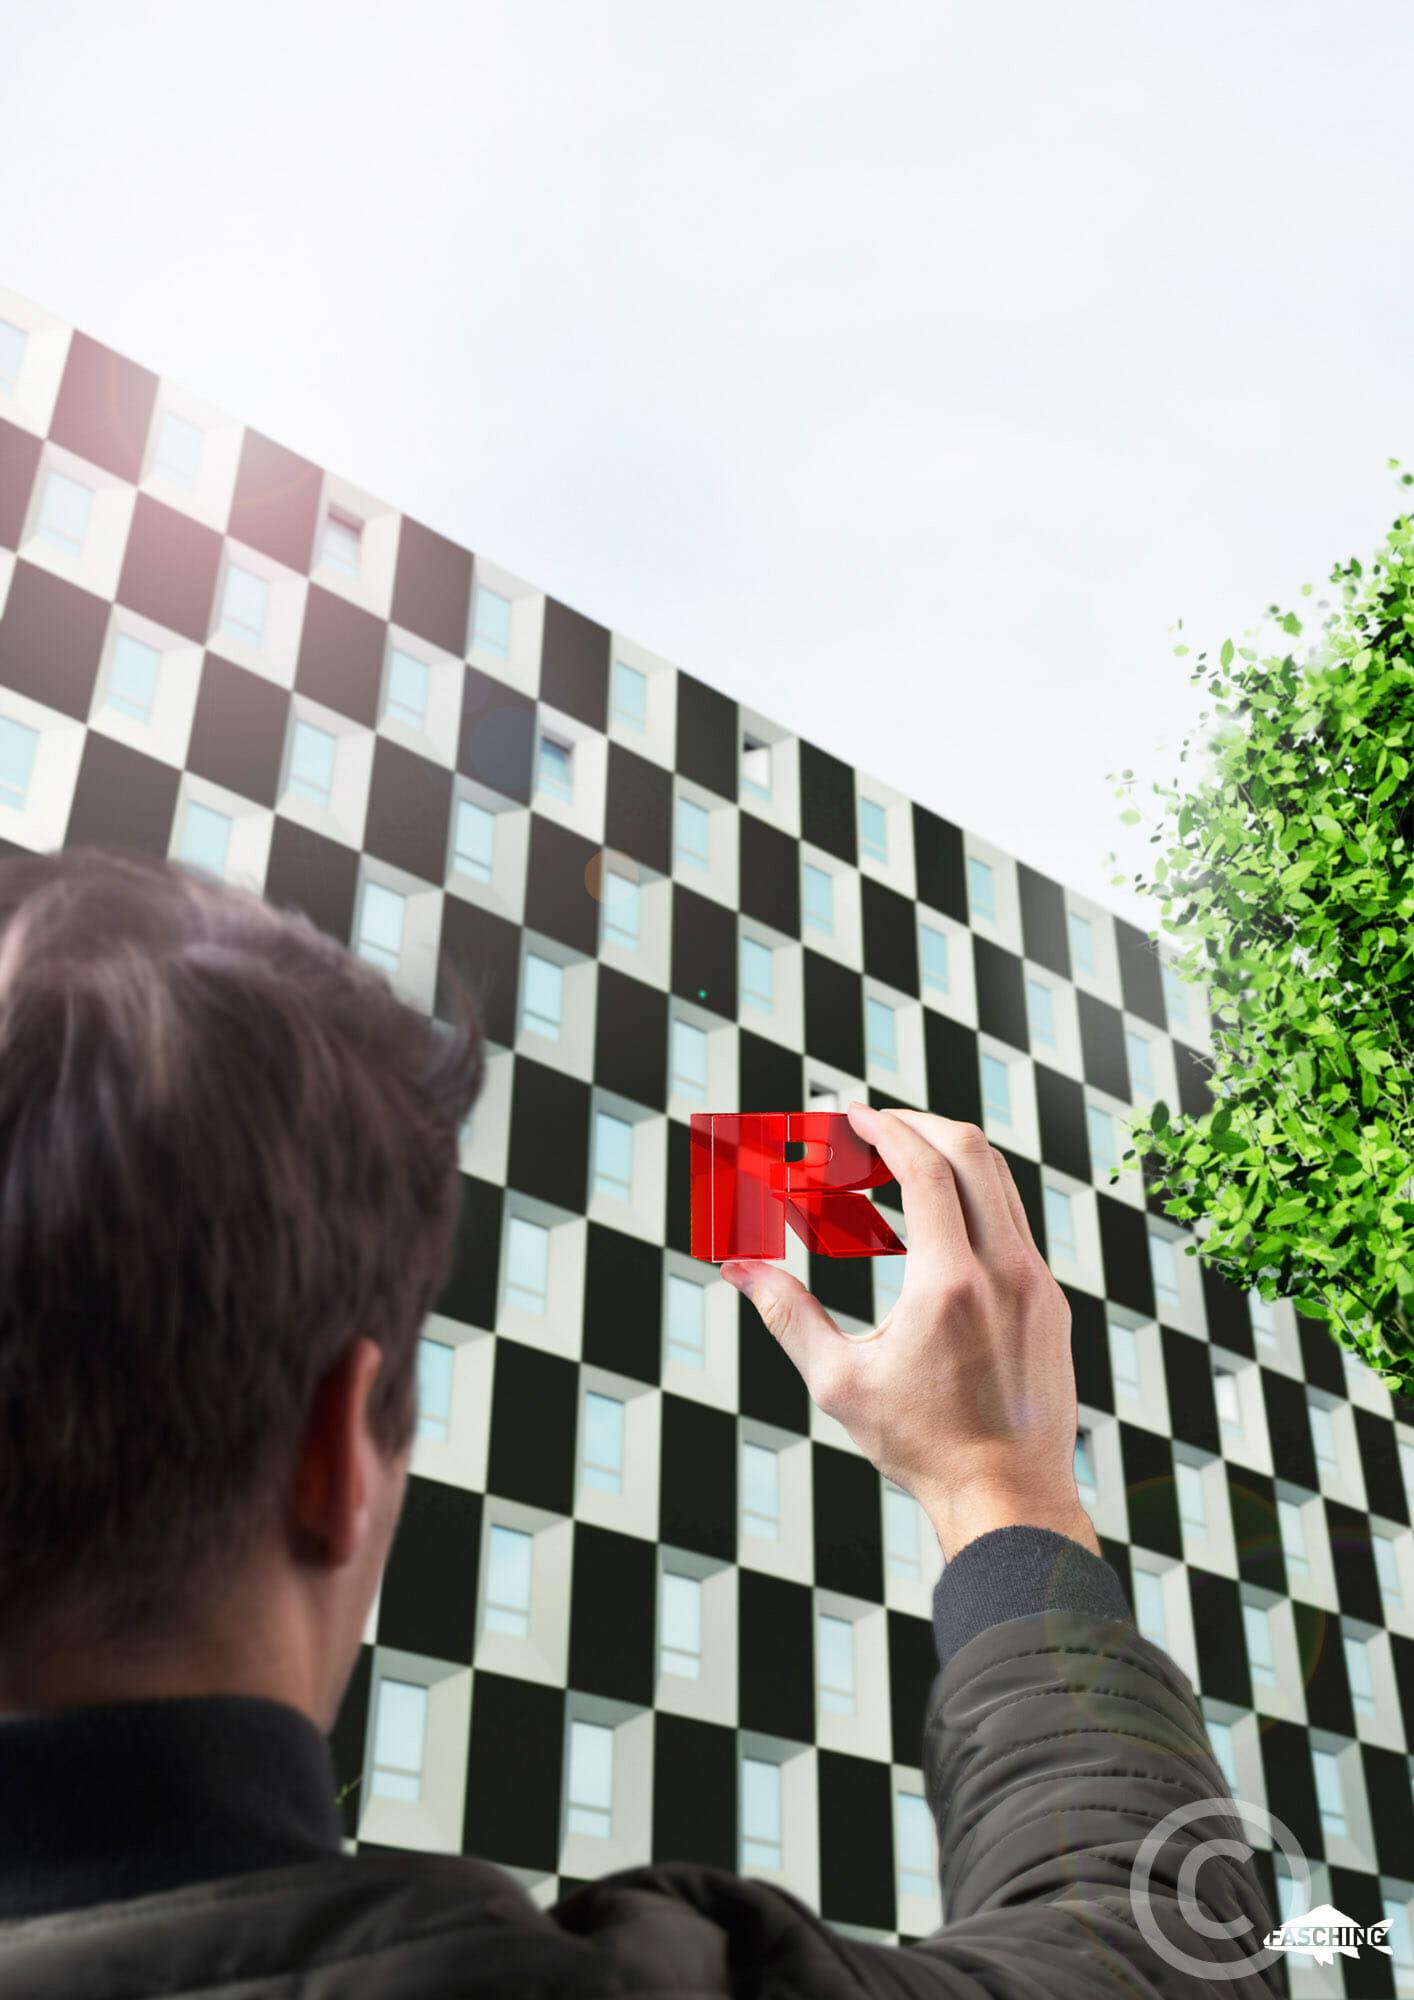 Werbefotografie für Rhomberg Bau vom Studio Fasching in Bregenz